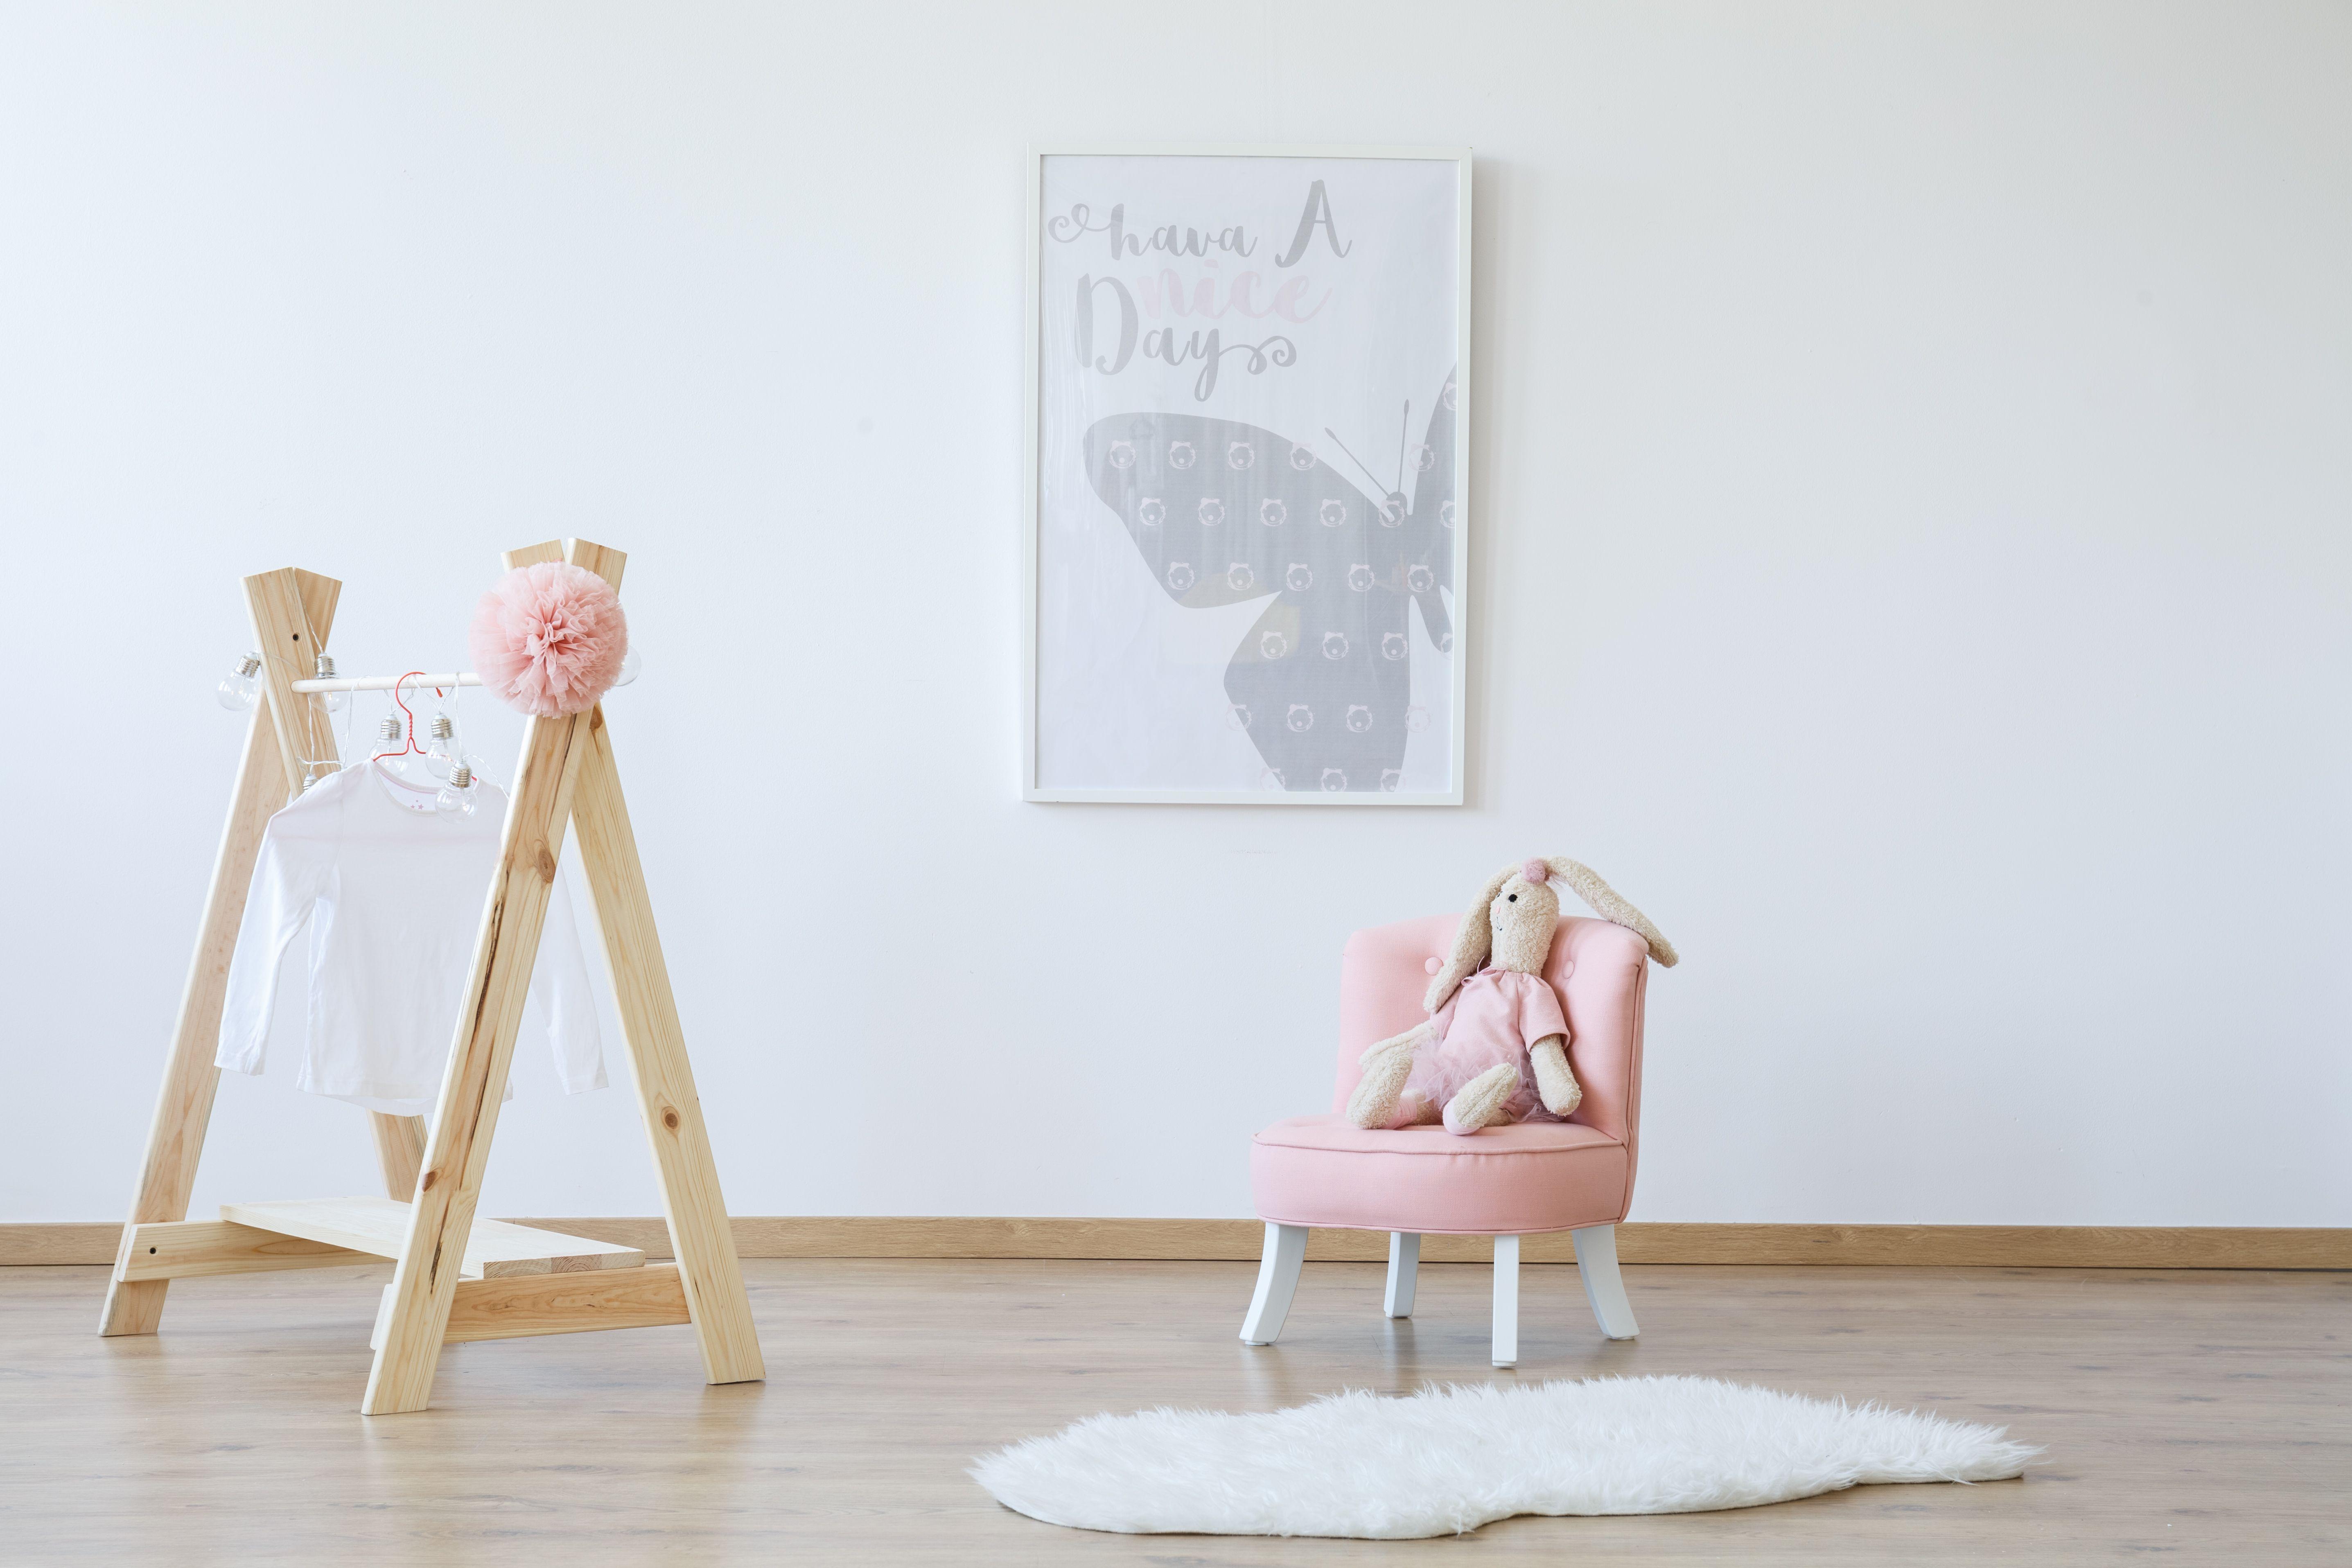 Tremendous Chair For Children Nursery Children Furniture Child Stool Theyellowbook Wood Chair Design Ideas Theyellowbookinfo